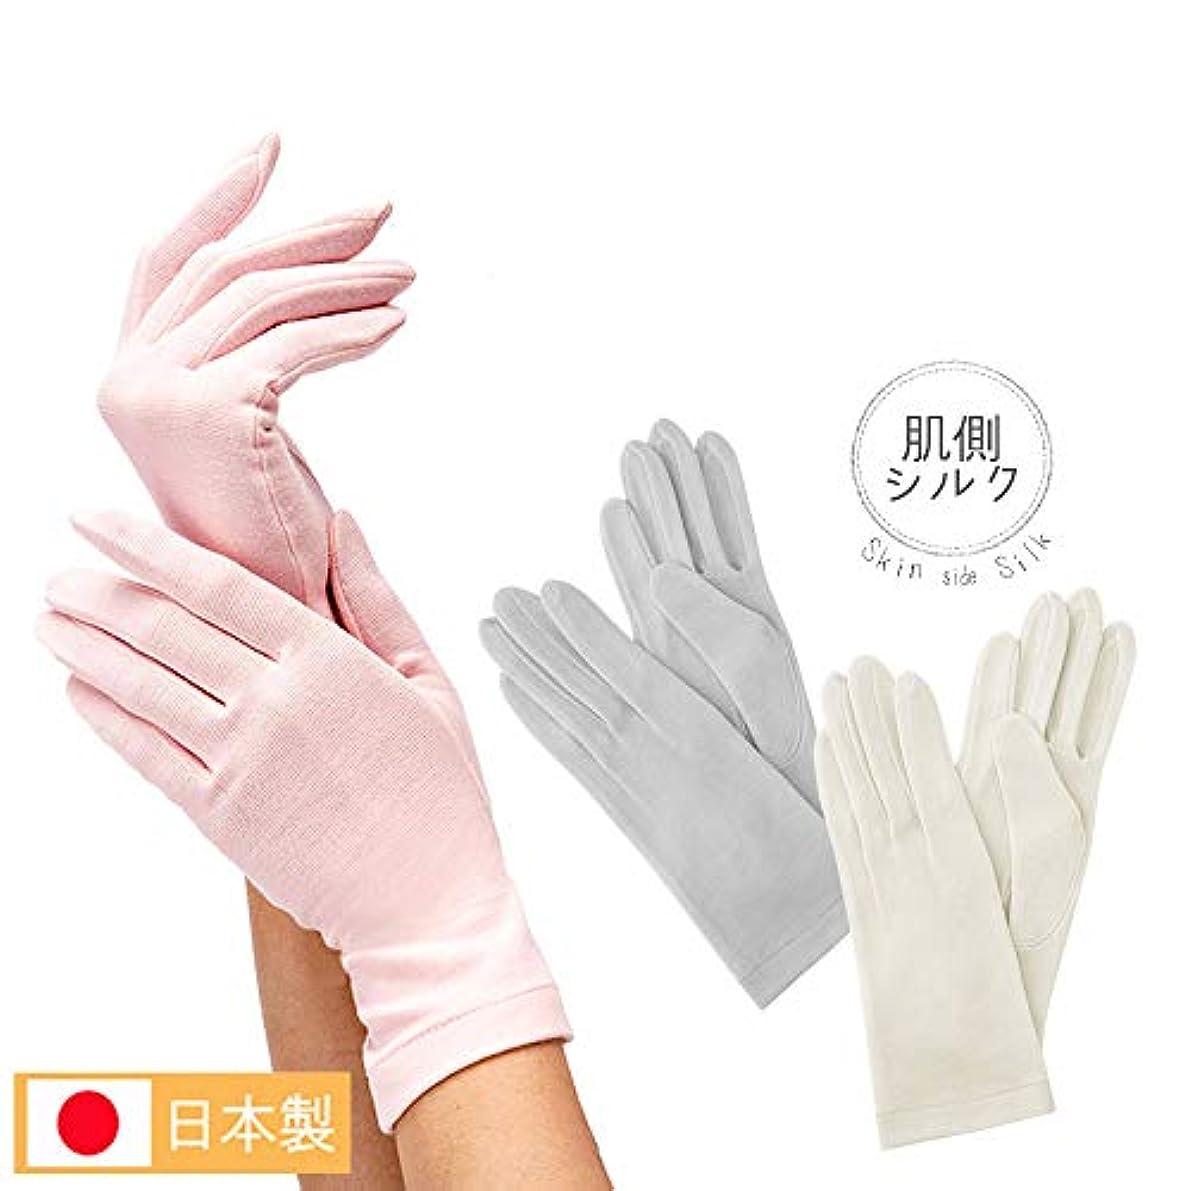 親密な歪める贅沢なG12-0071_GY 就寝用 裏シルクうるおい手袋 あったか 薄い 手荒れ ハンドケア 保湿 レディース 女性 おやすみ 寝るとき 日本製 グレー